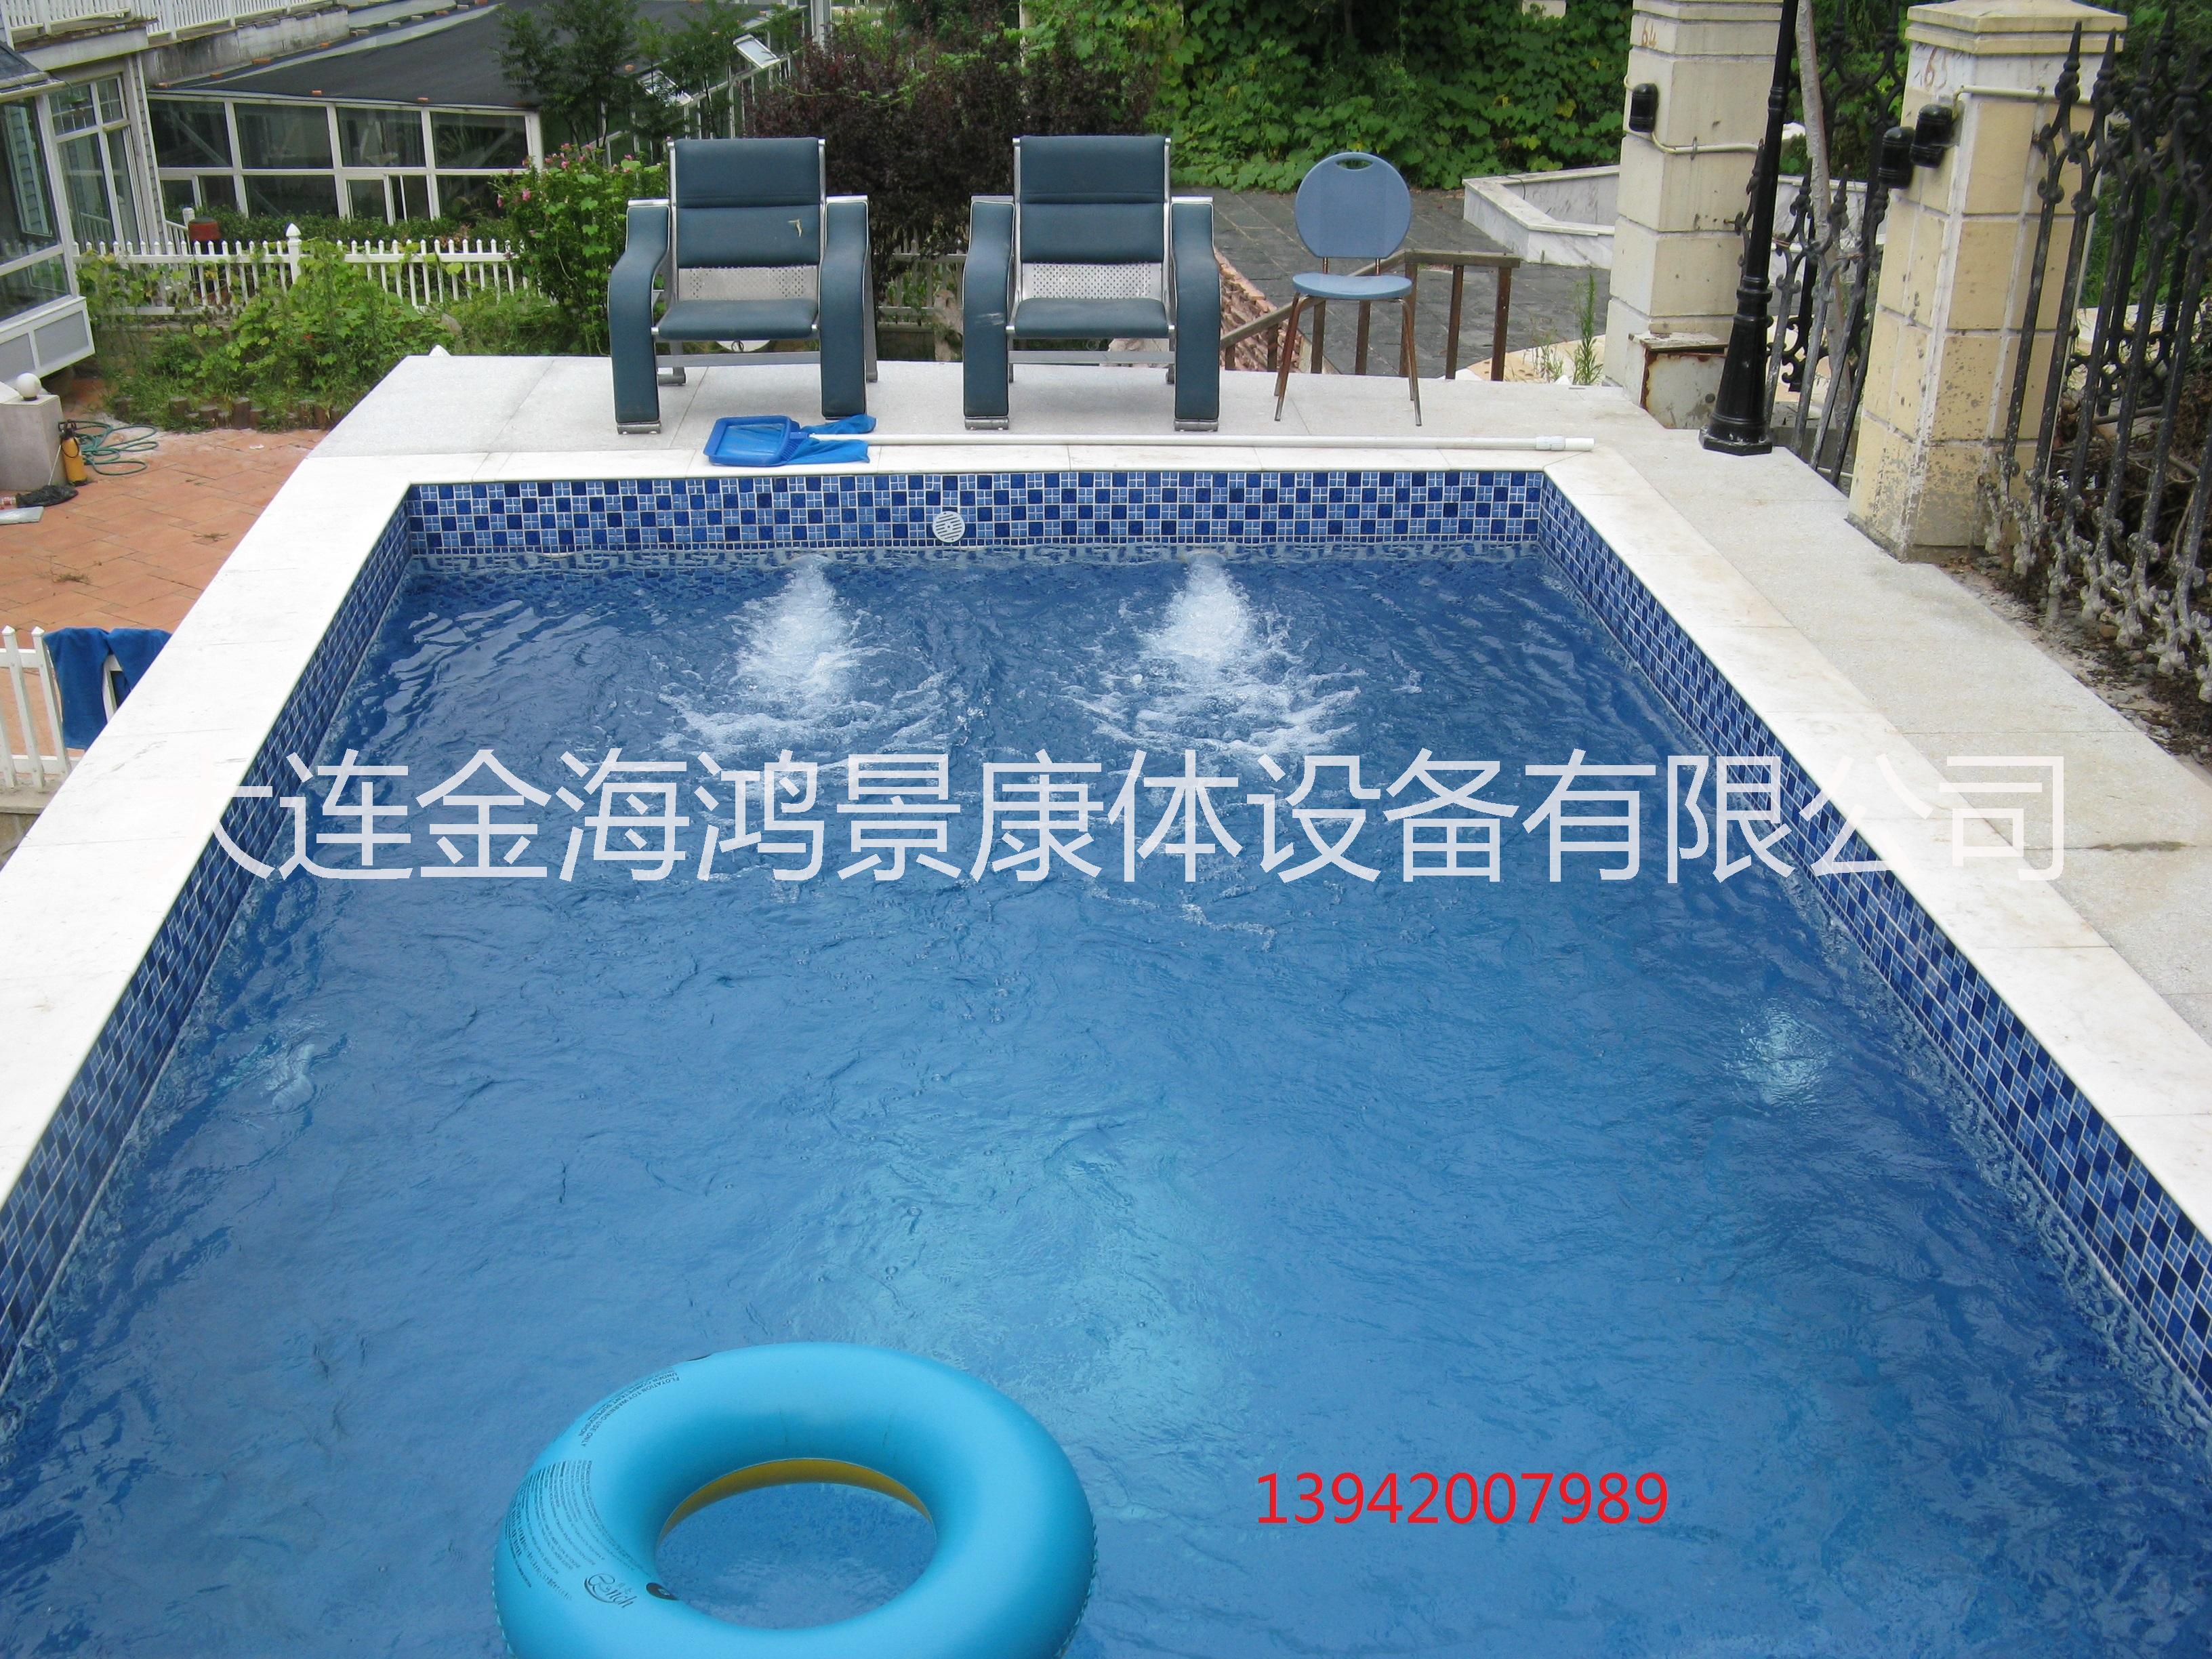 大连儿童池 大连亲自泳池设备13942007989